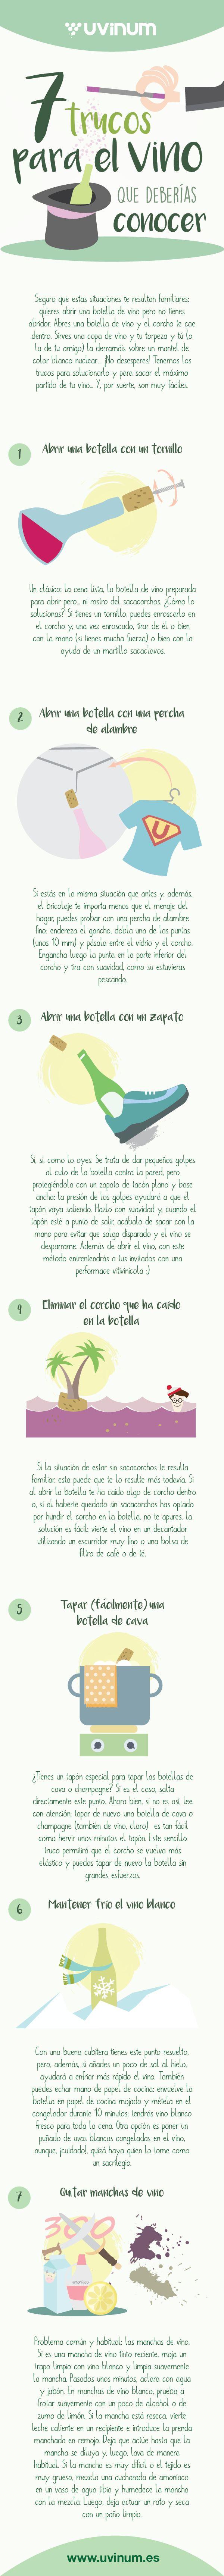 Buenos tips (lo ideal es siempre llevar un sacacorchos)